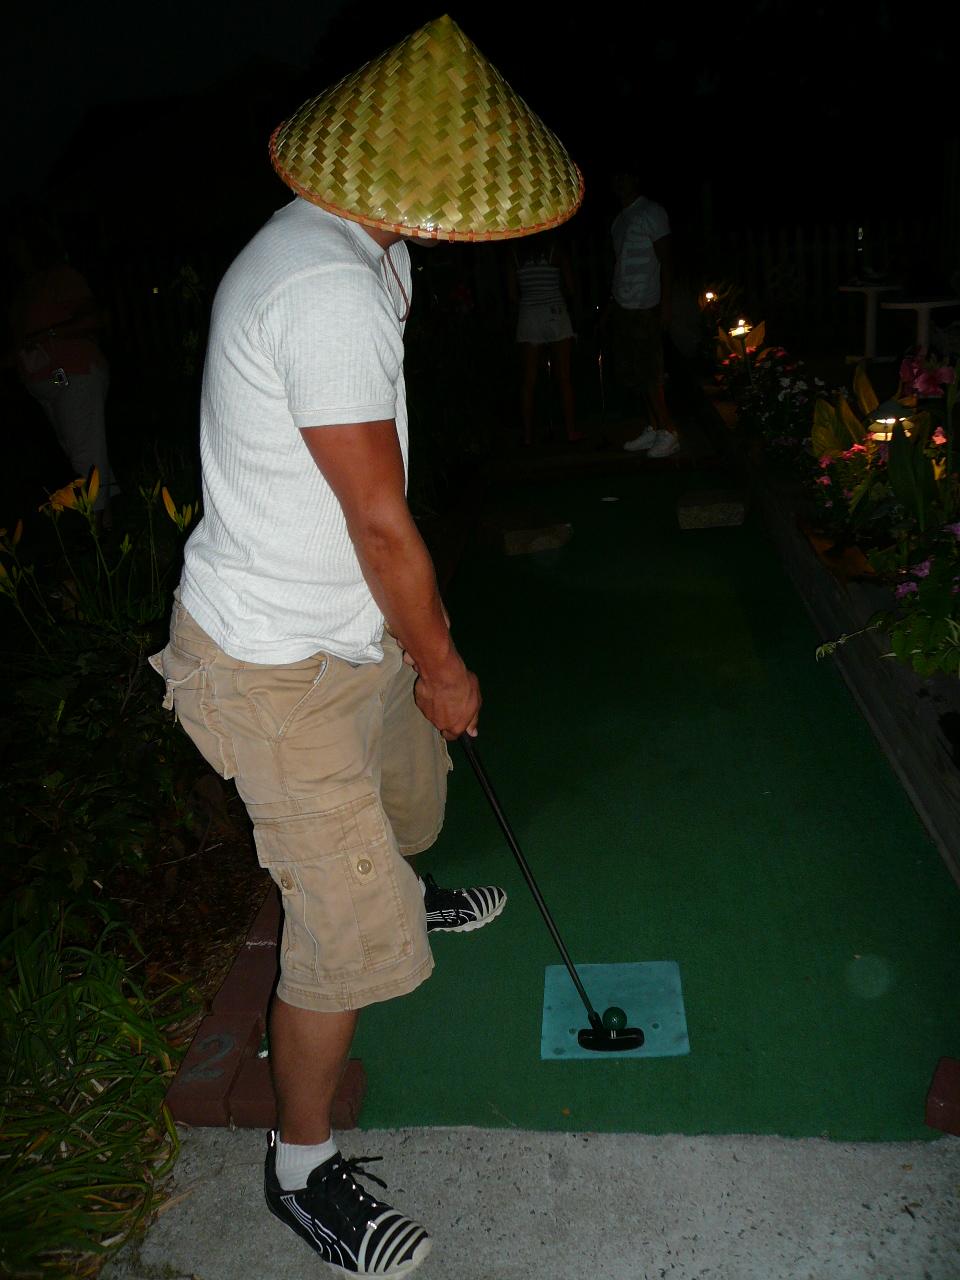 Vietnamese mini golf